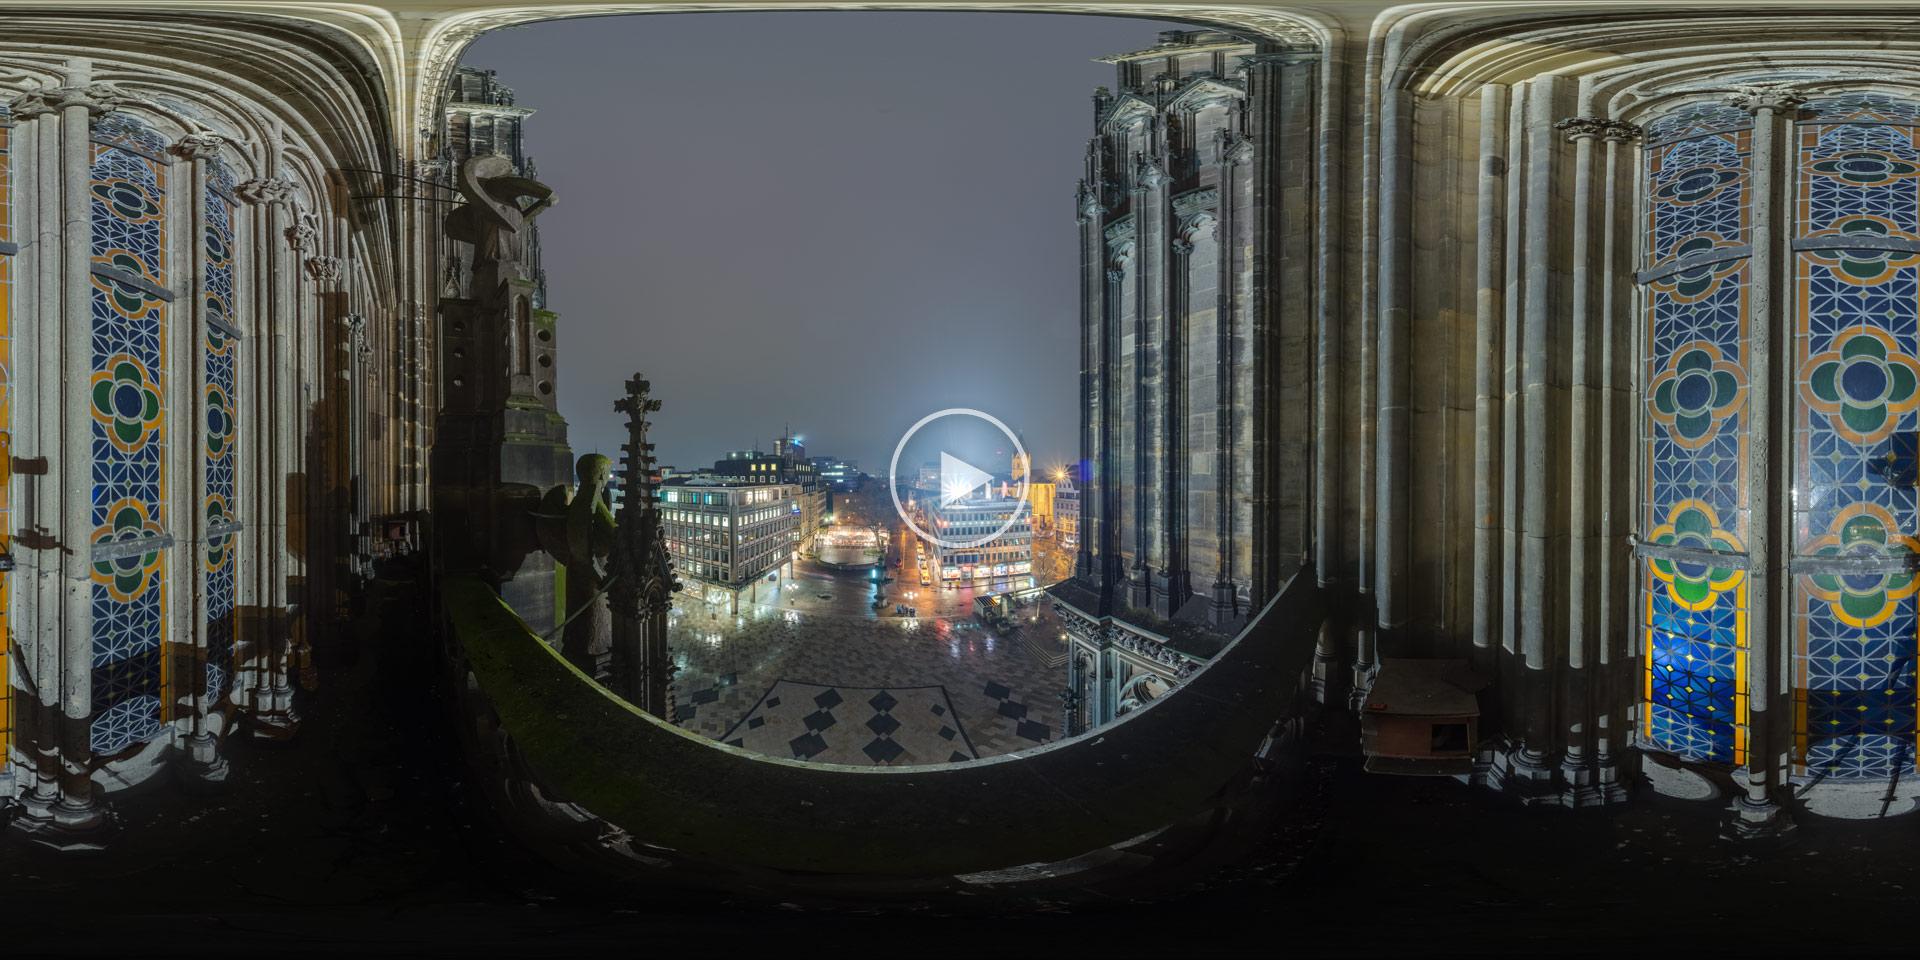 Balkon am Kölner Dom 360°x180° Panorama von Chris Witzani